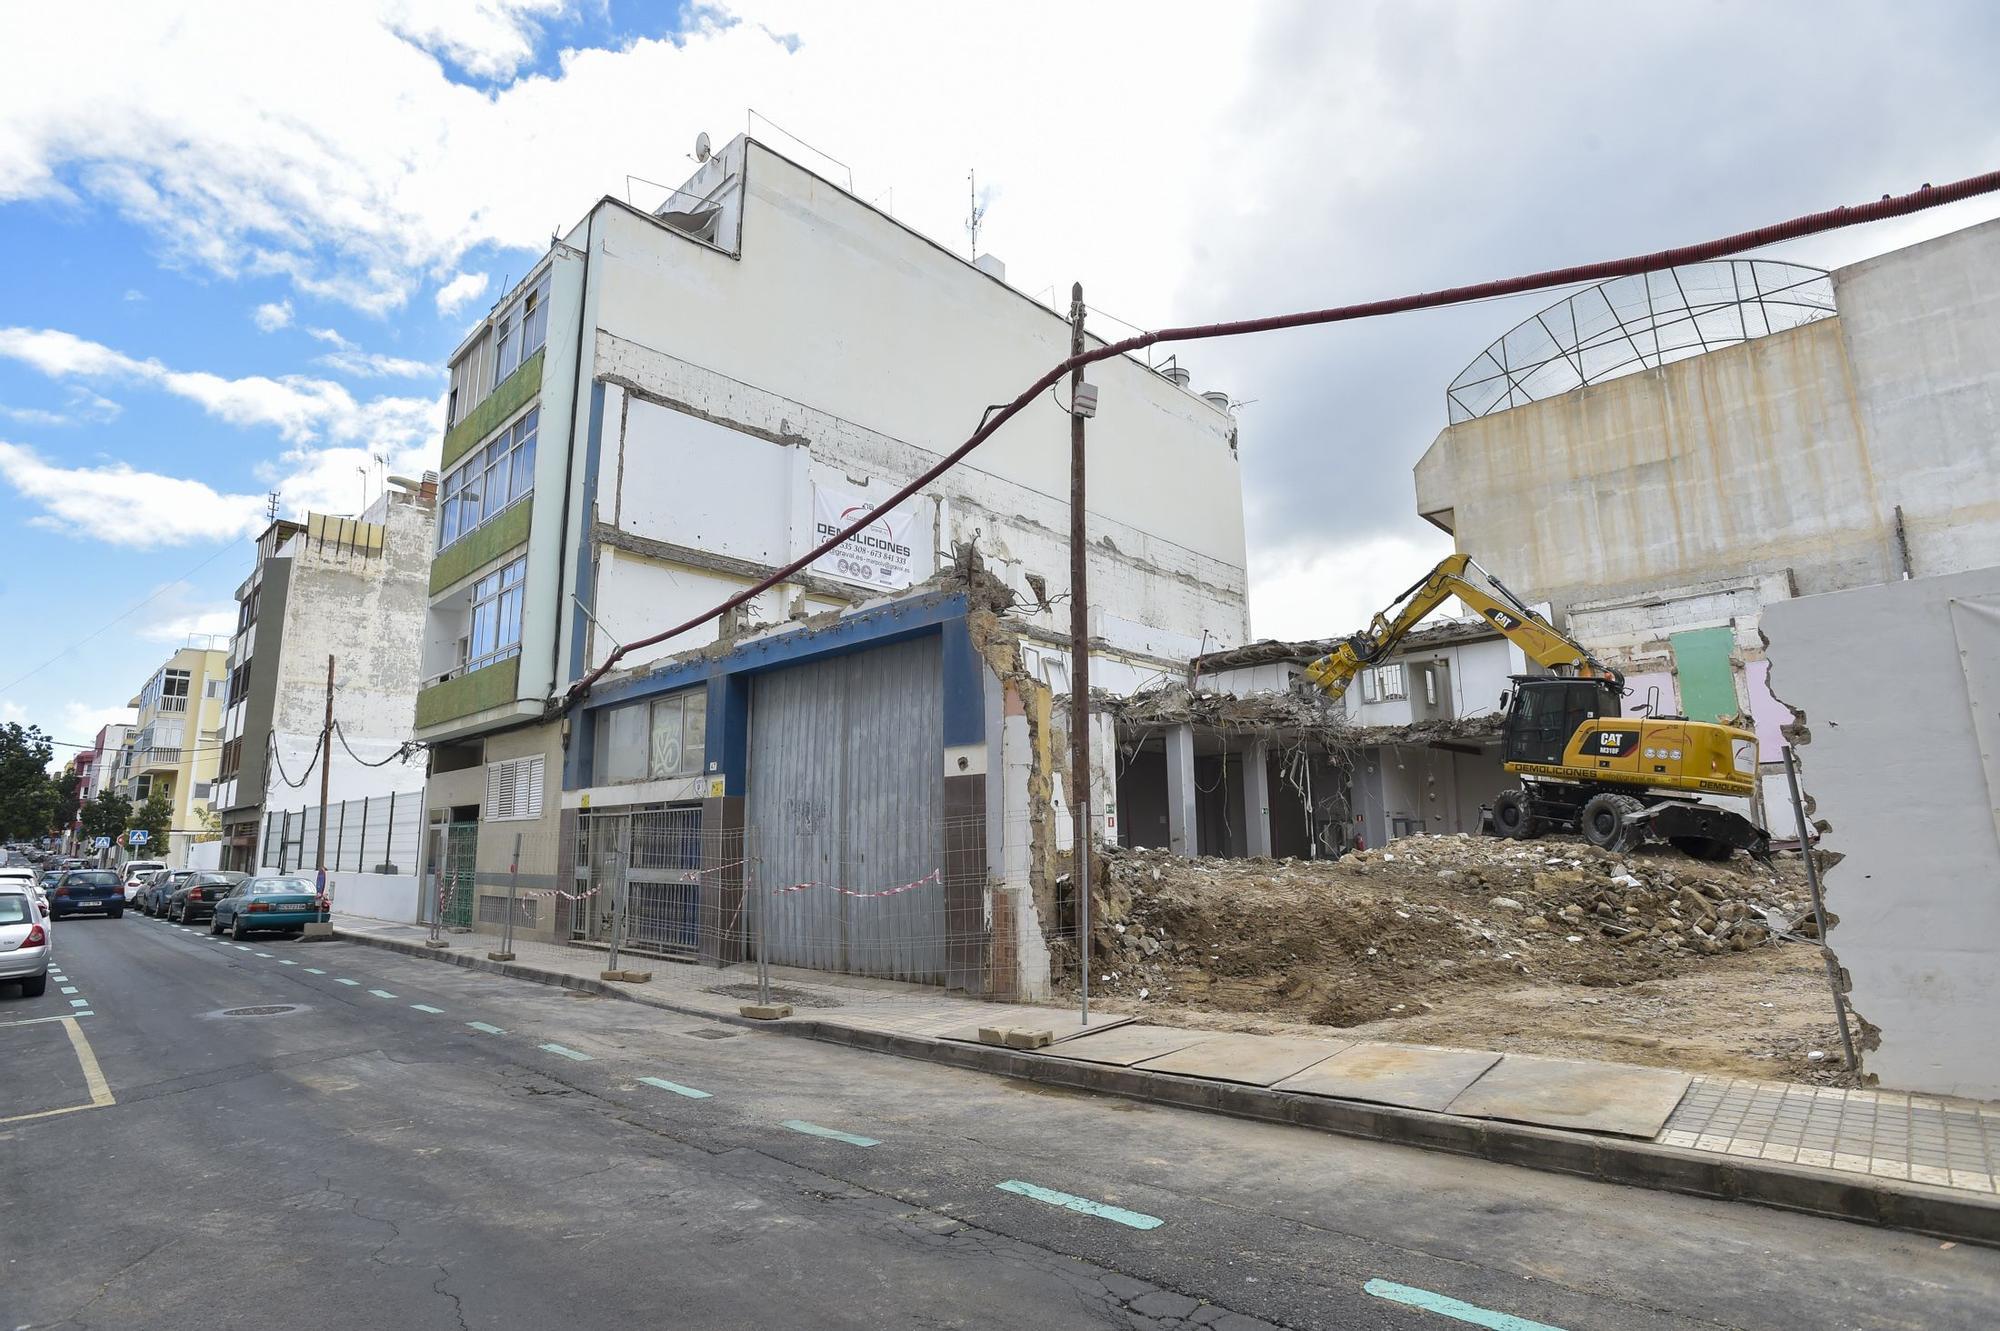 Demolición de una vivienda de la calle Matías Madrón